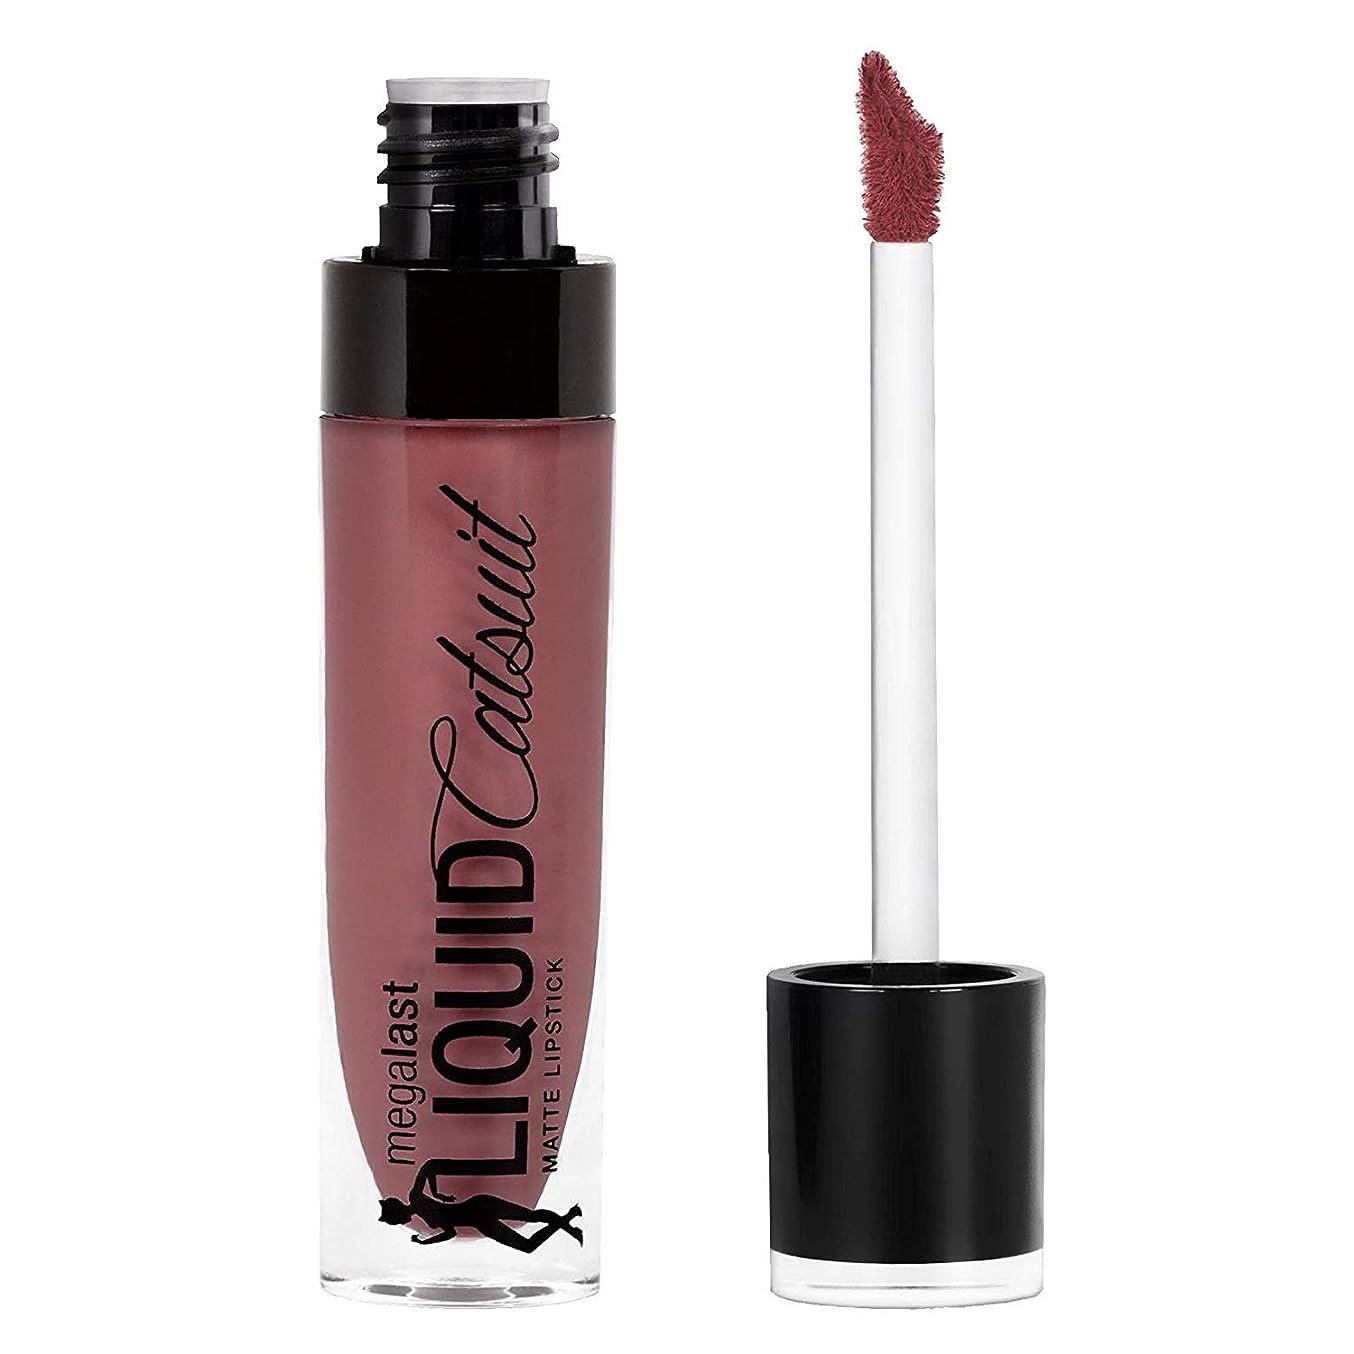 宝石スーパーマーケット窒息させるWet n Wild Megalast Liquid Catsuit Matte Lipstick, Rebel Rose, 6g